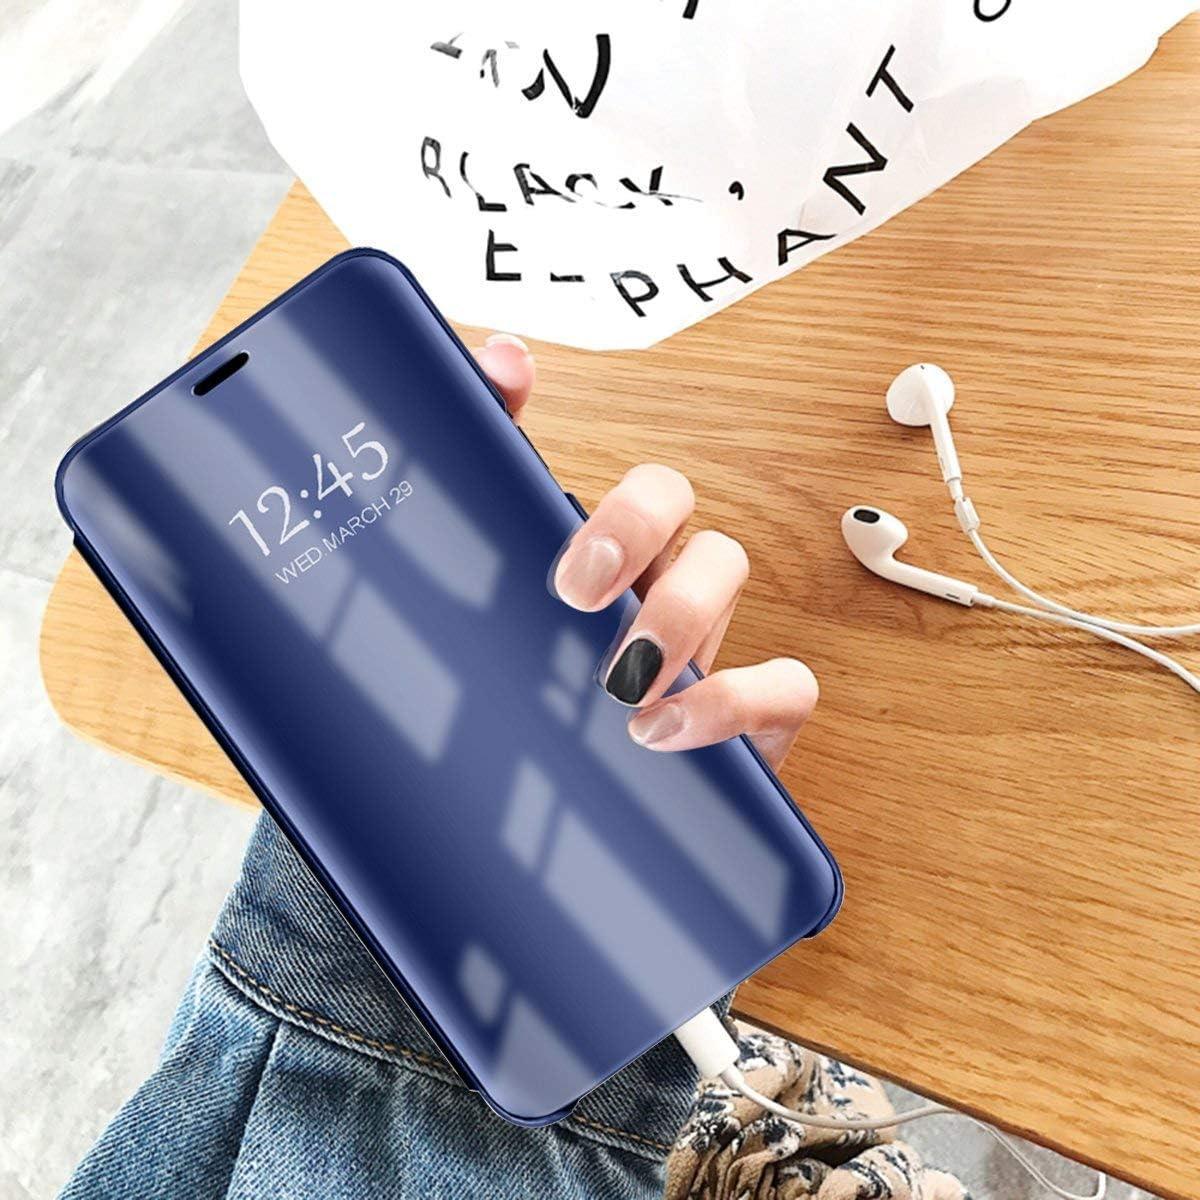 Karomenic Spiegel H/ülle kompatibel mit Huawei P10 Lite /Überzug PU Leder Mirror Case Flip Schutzh/ülle Brieftasche Cool M/änner M/ädchen Slim Clear Handyh/ülle Tasche St/änder Etui,Gold